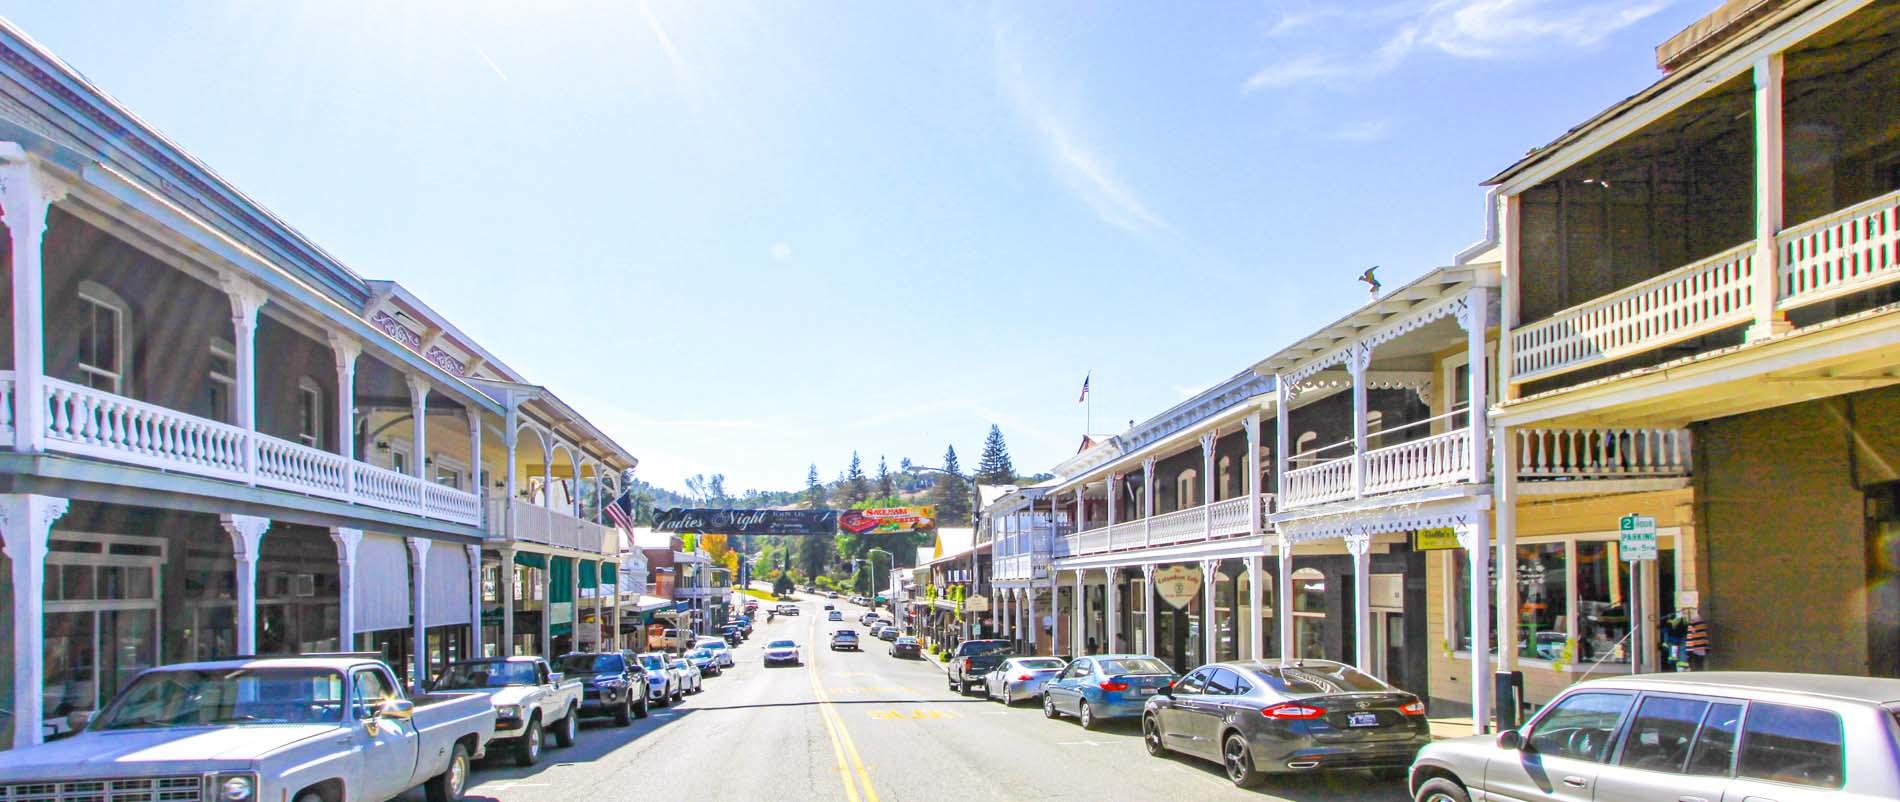 main street in sutter creek ca